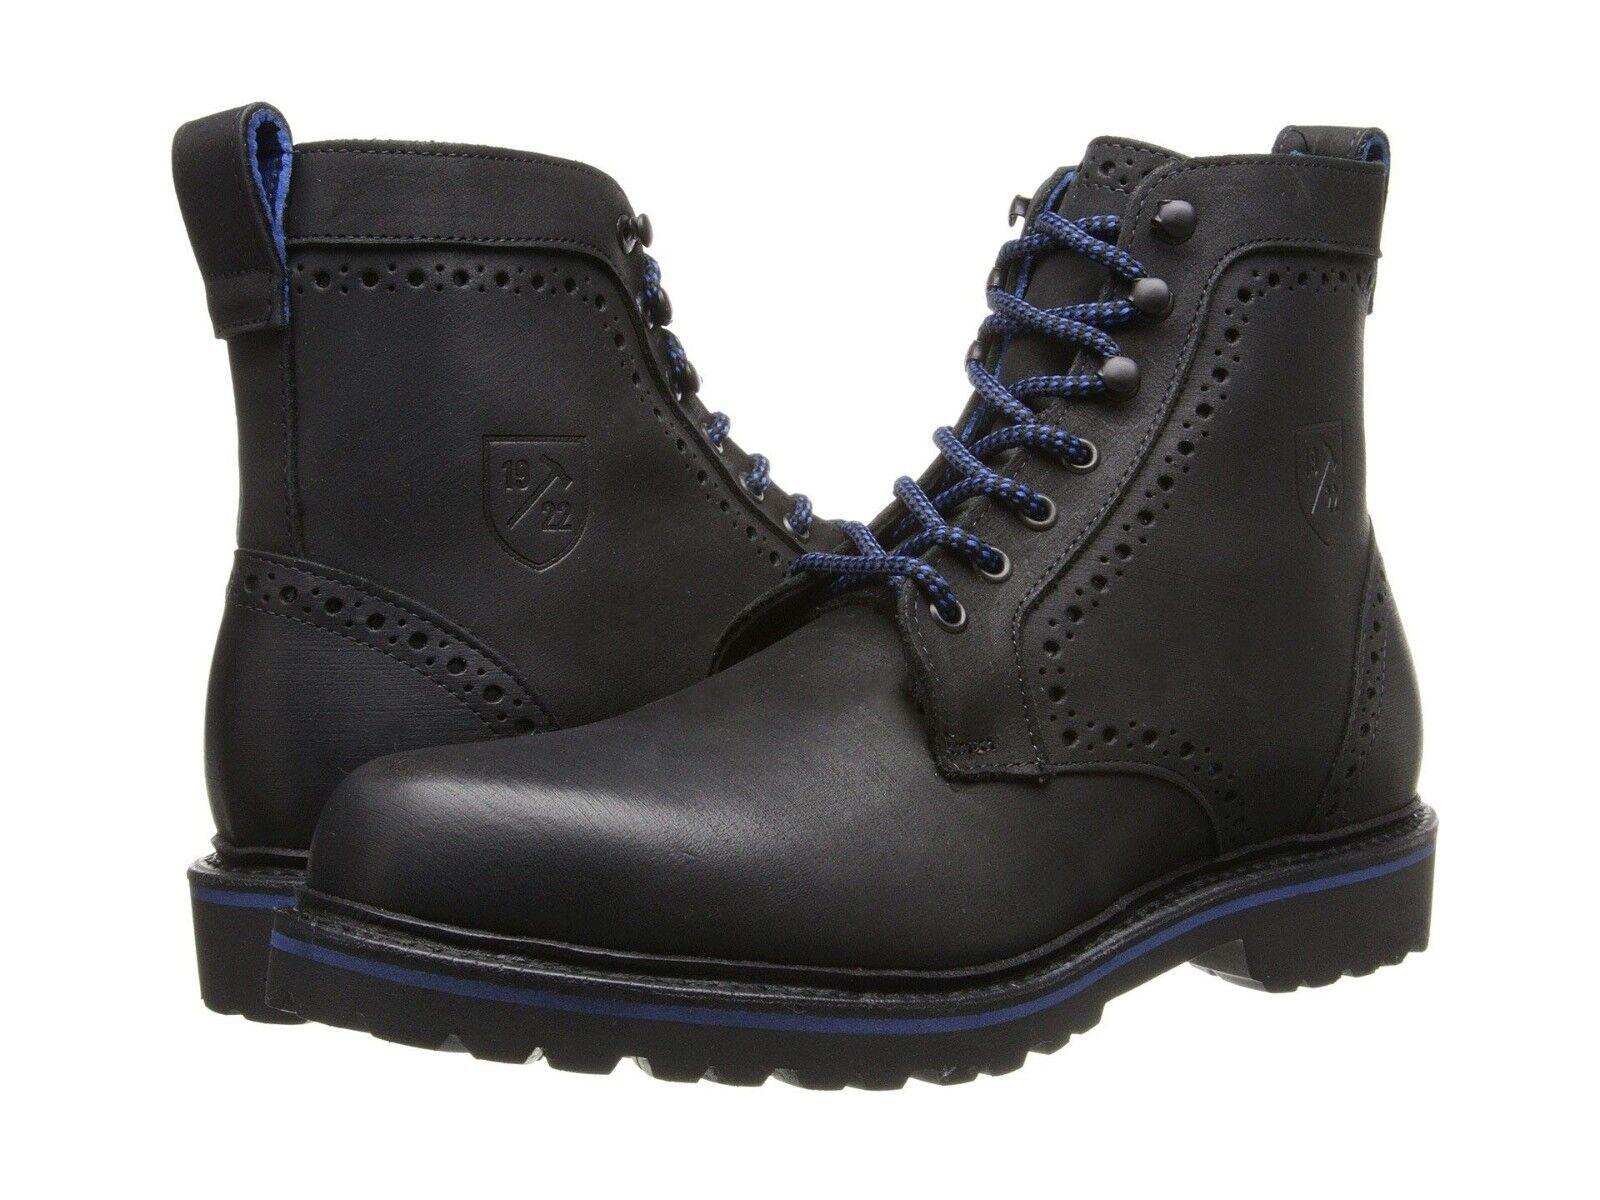 Allen Edmonds Sturgis Casual Ankle Lace Up Plain Toe Motorcycle Boots shoes